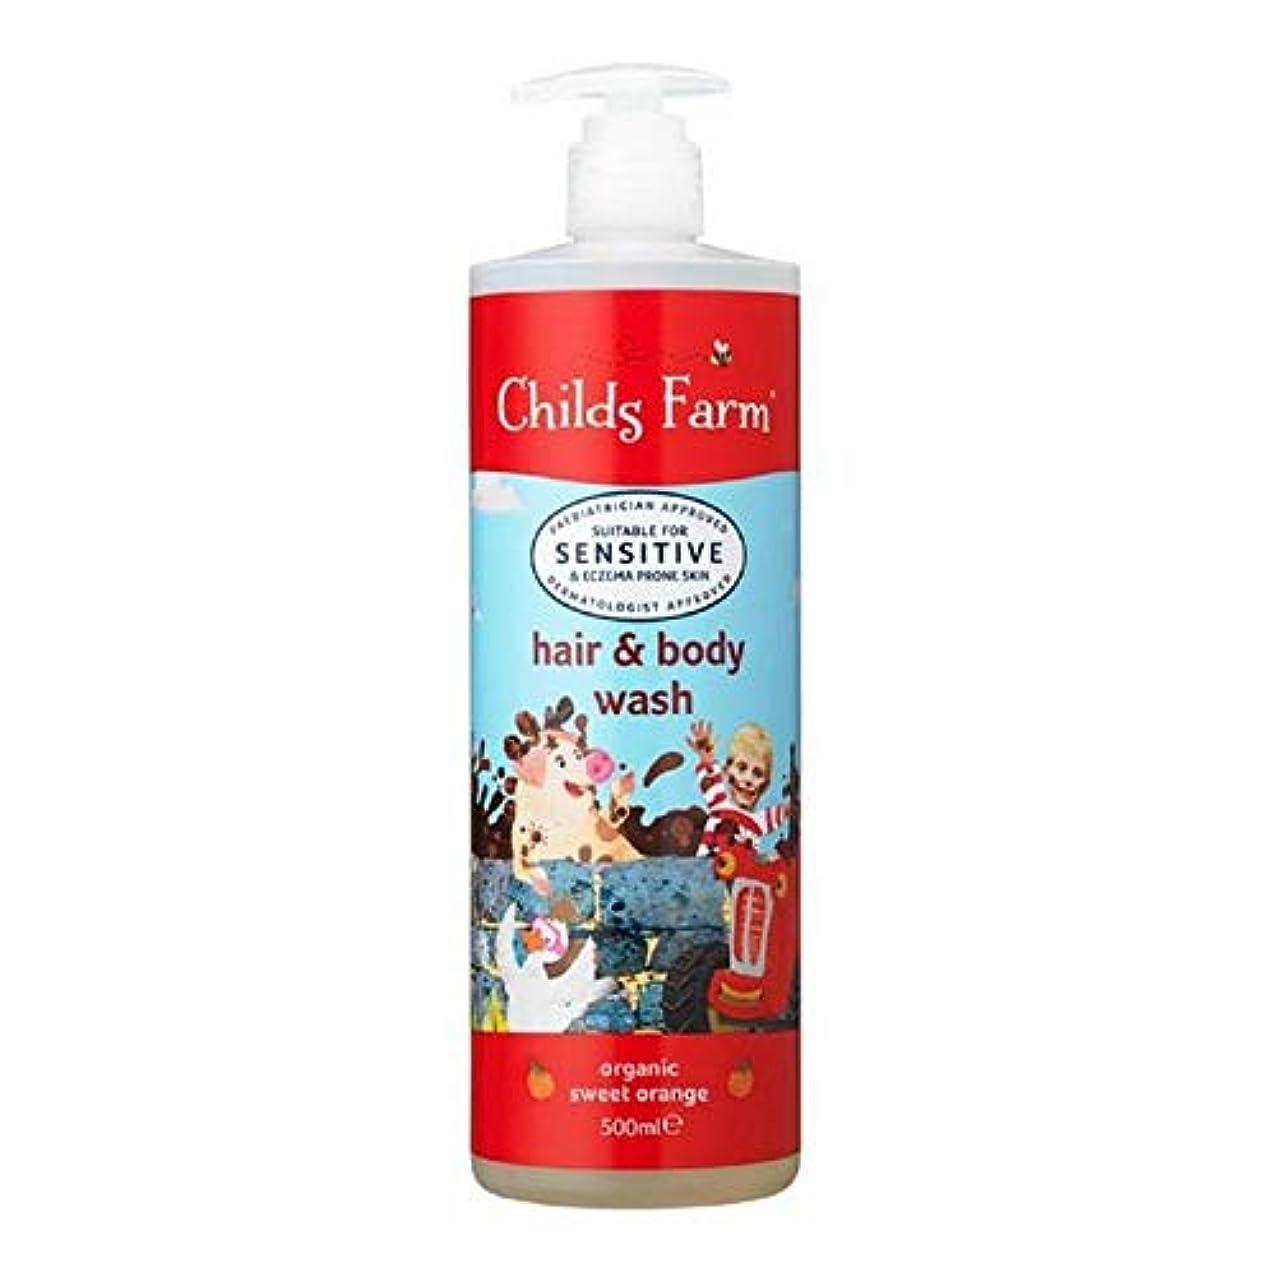 深くハイジャックミュート[Childs Farm ] チャイルズファームヘア&ボディウォッシュ有機スイートオレンジ500ミリリットル - Childs Farm Hair & Body Wash Organic Sweet Orange 500ml...